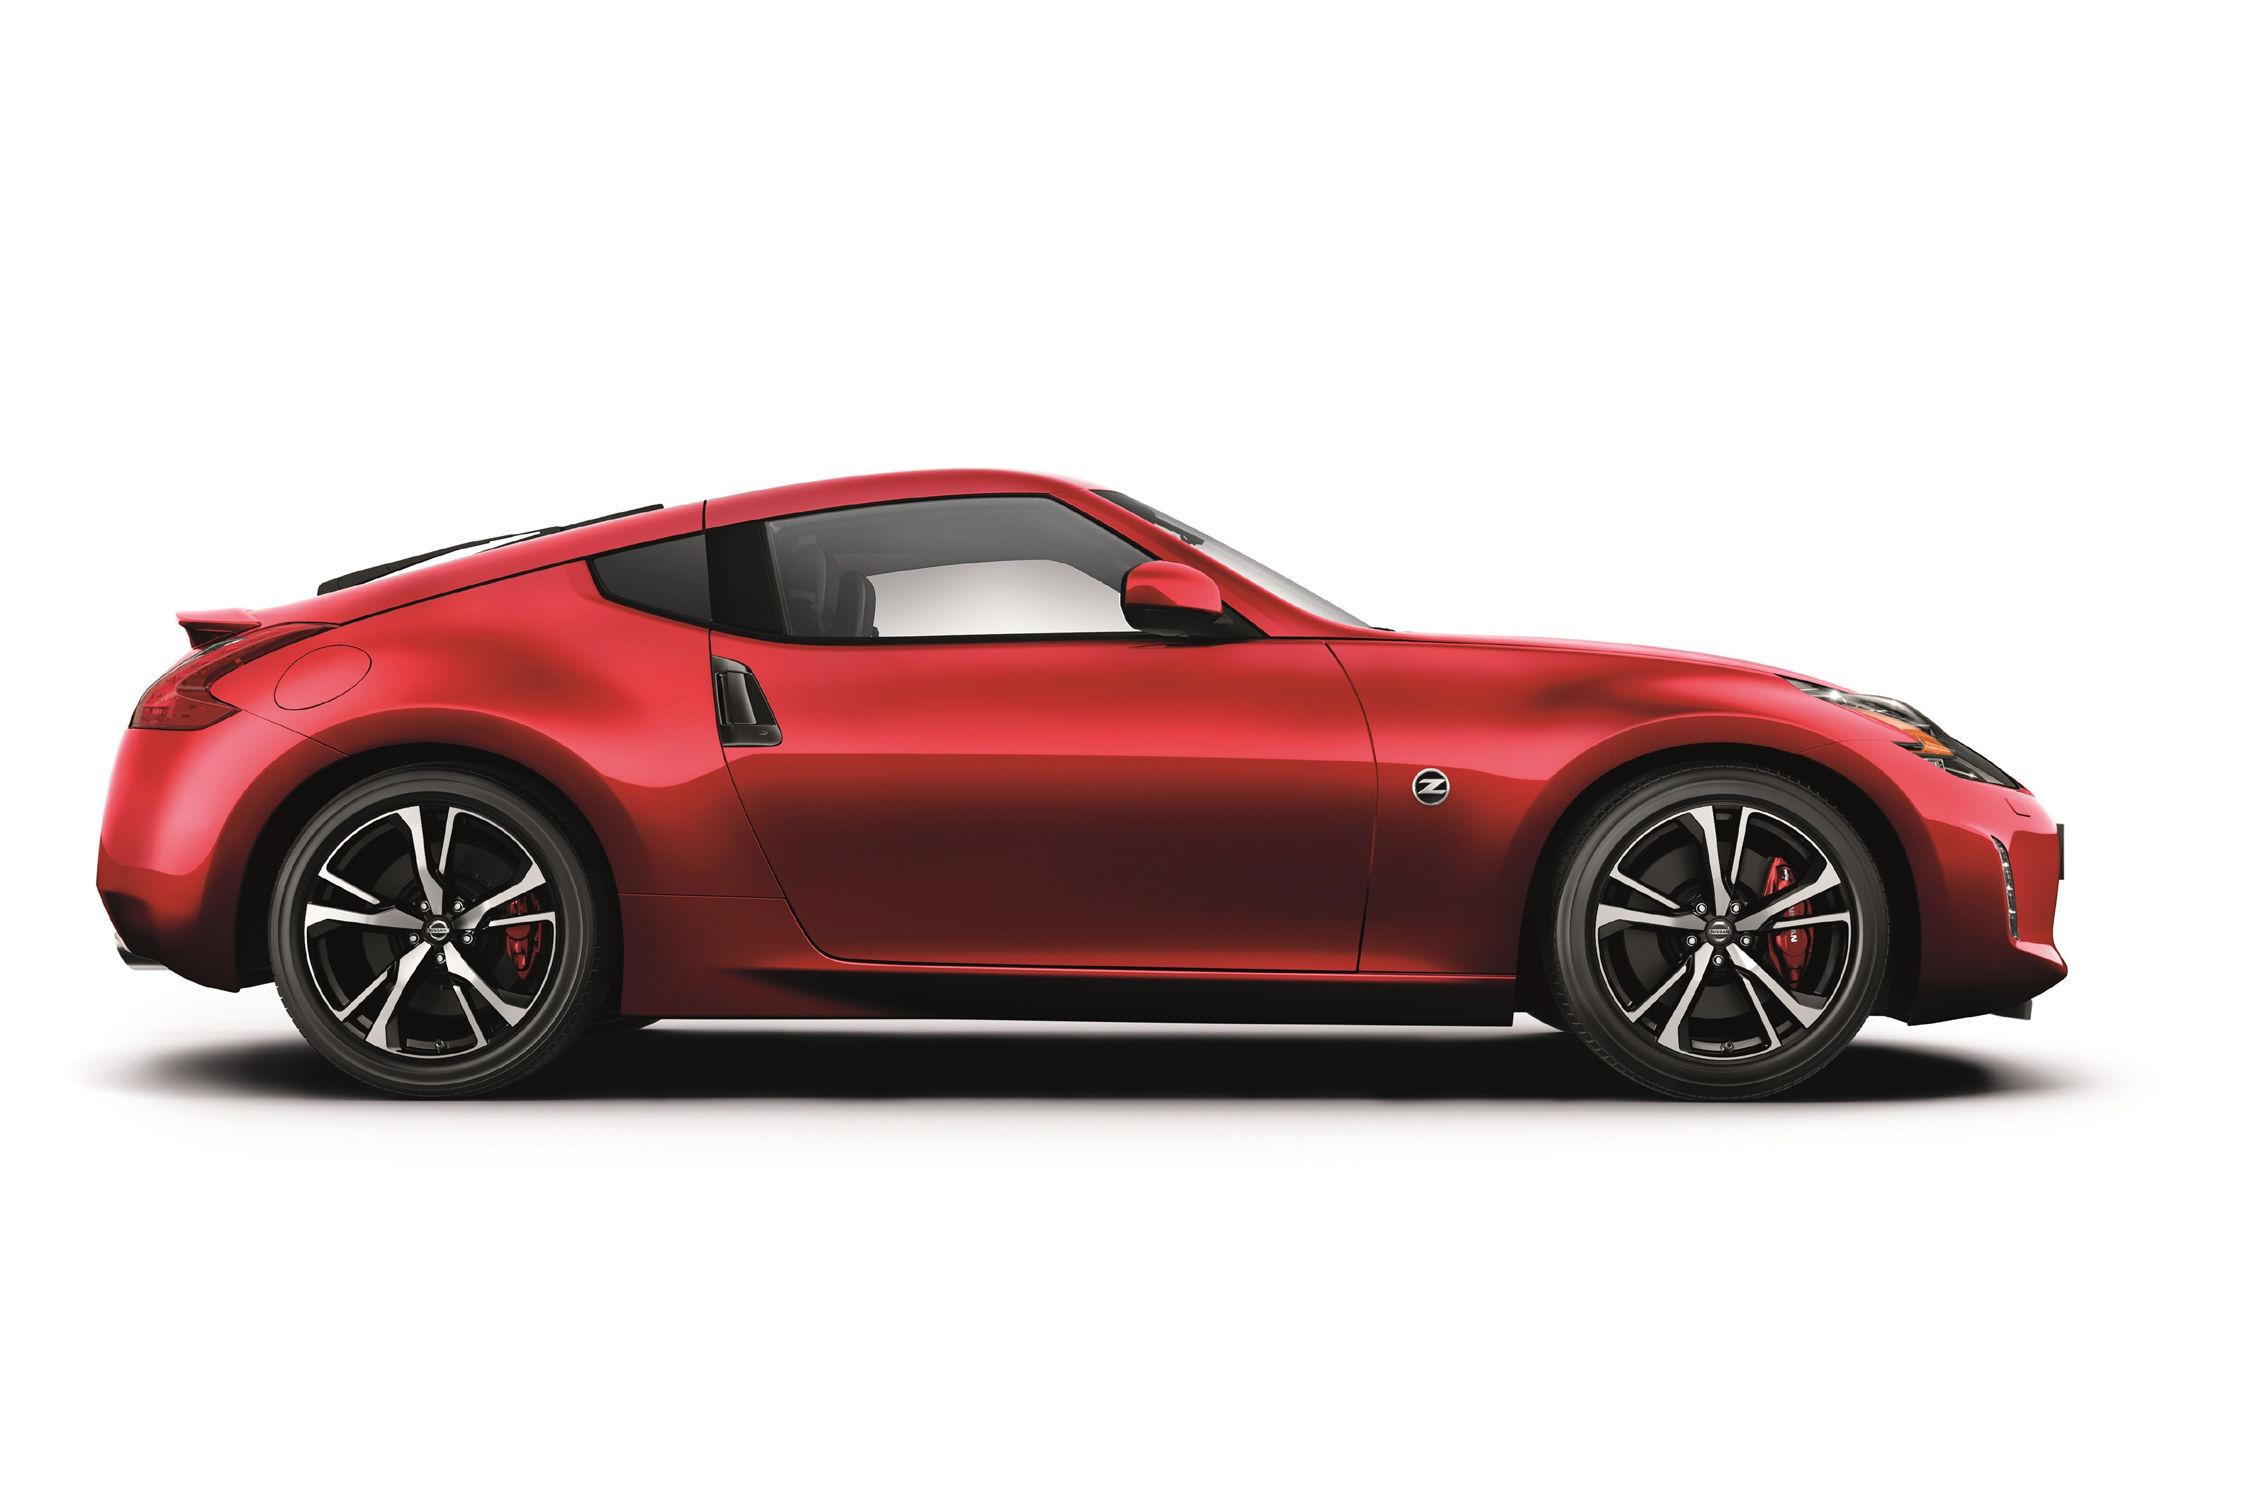 des mises jour pour la nissan 370z actualit automobile motorlegend. Black Bedroom Furniture Sets. Home Design Ideas